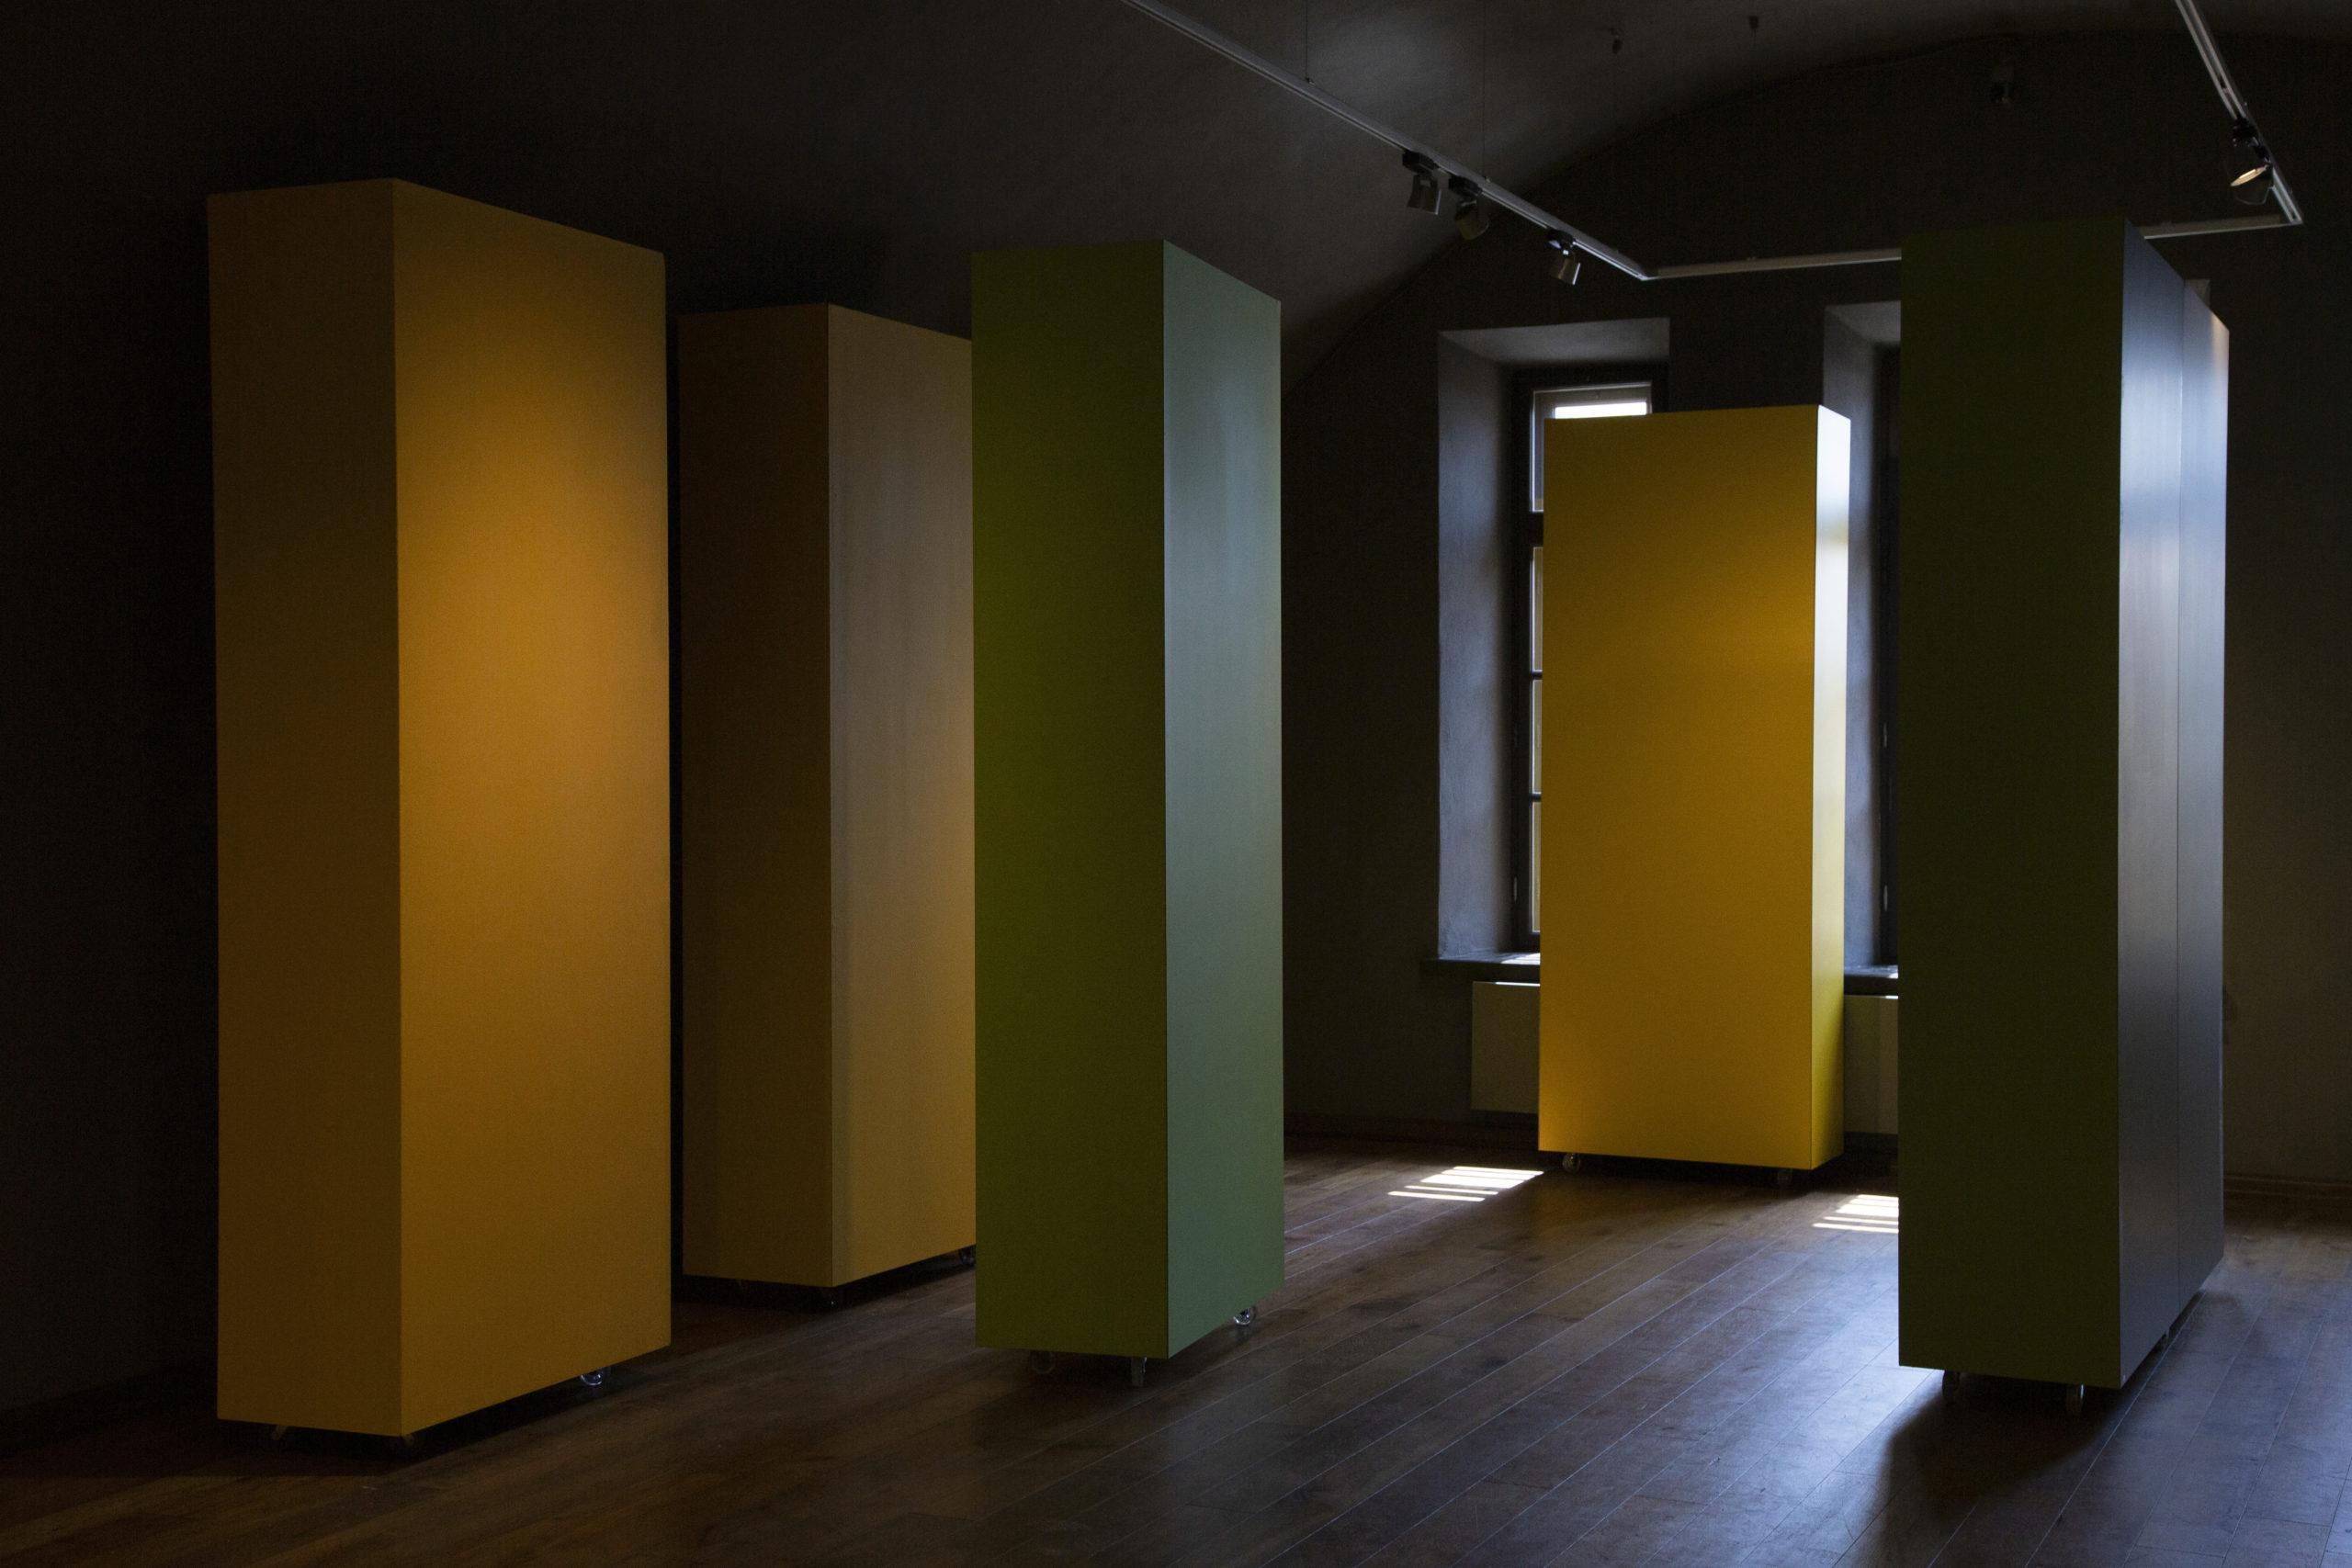 Iespēja pieteikt izstādes projektu Daugavpils Marka Rotko mākslas centrā